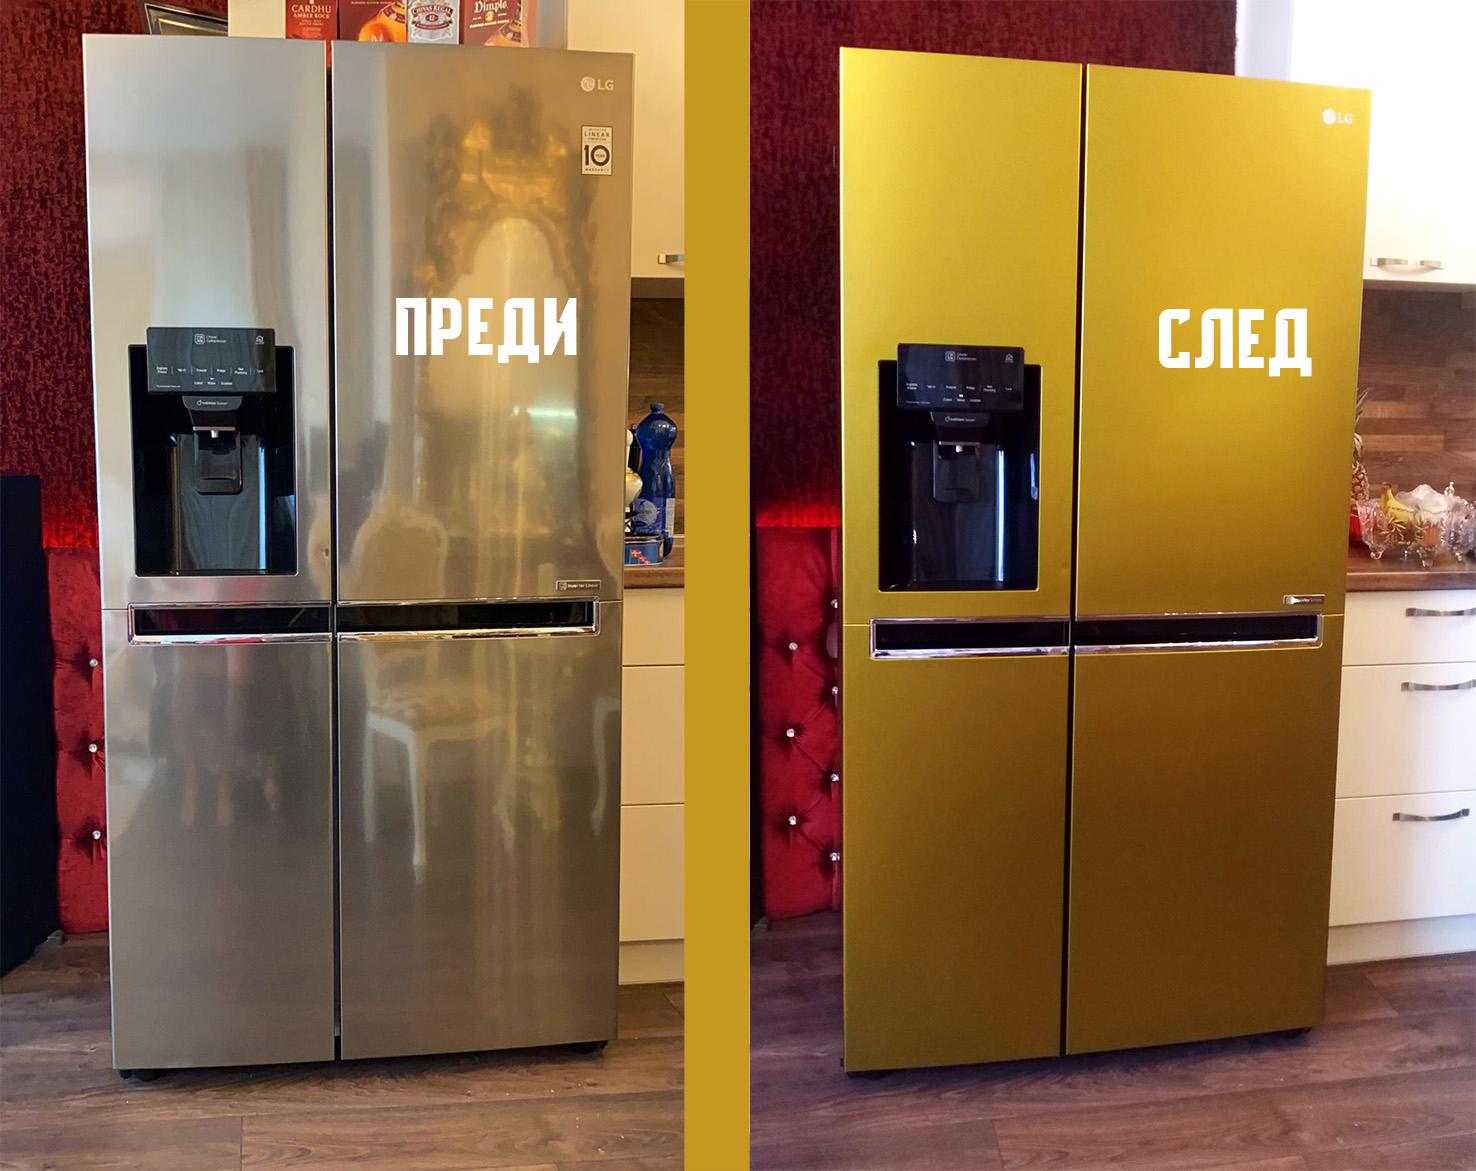 облепване със златно фолио на хладилник